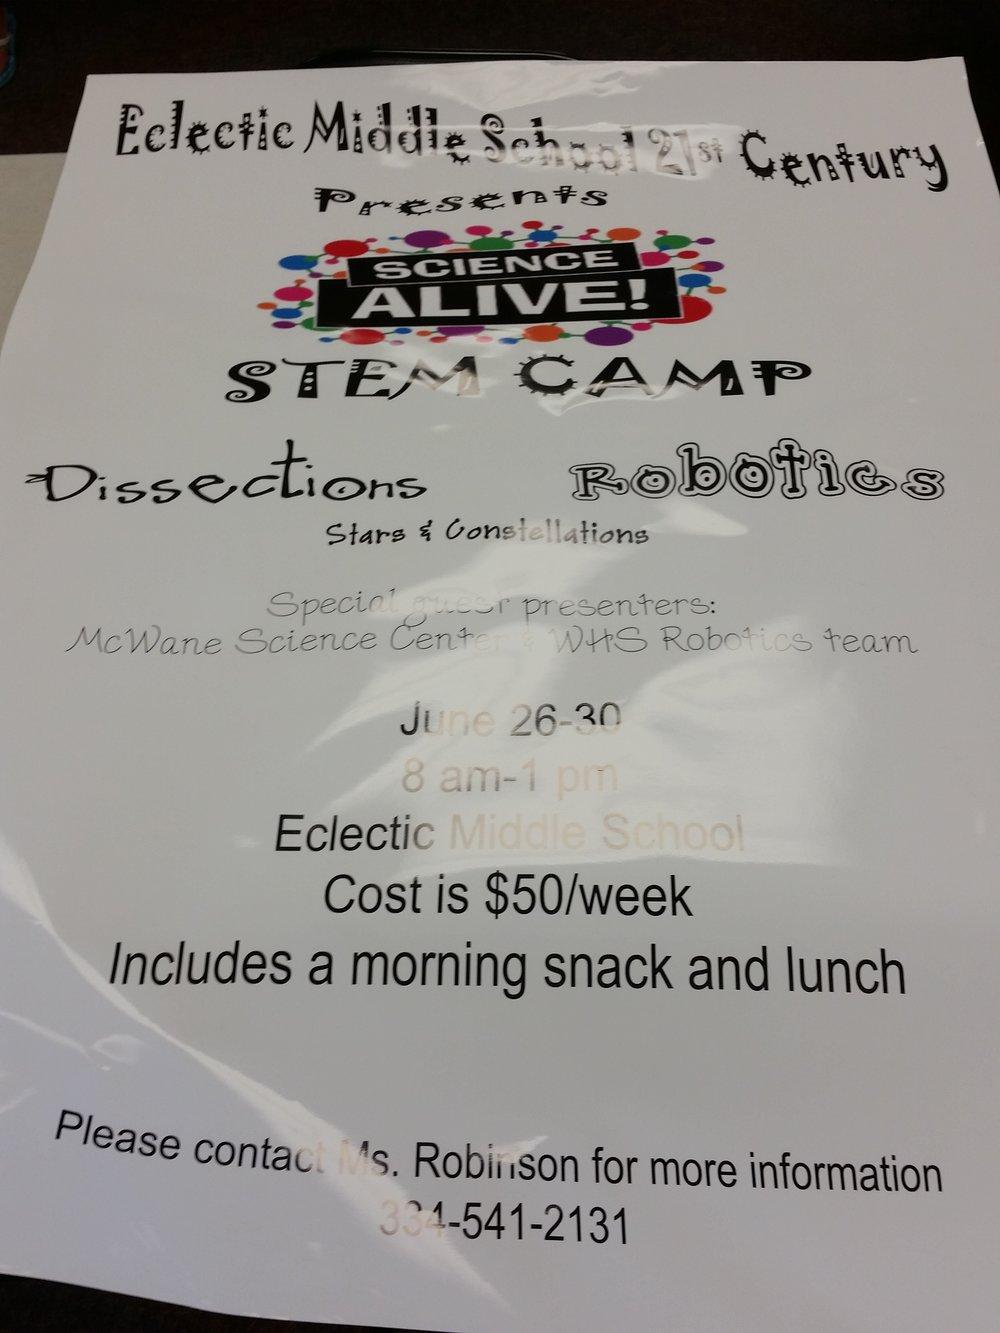 stem camp (1).jpg